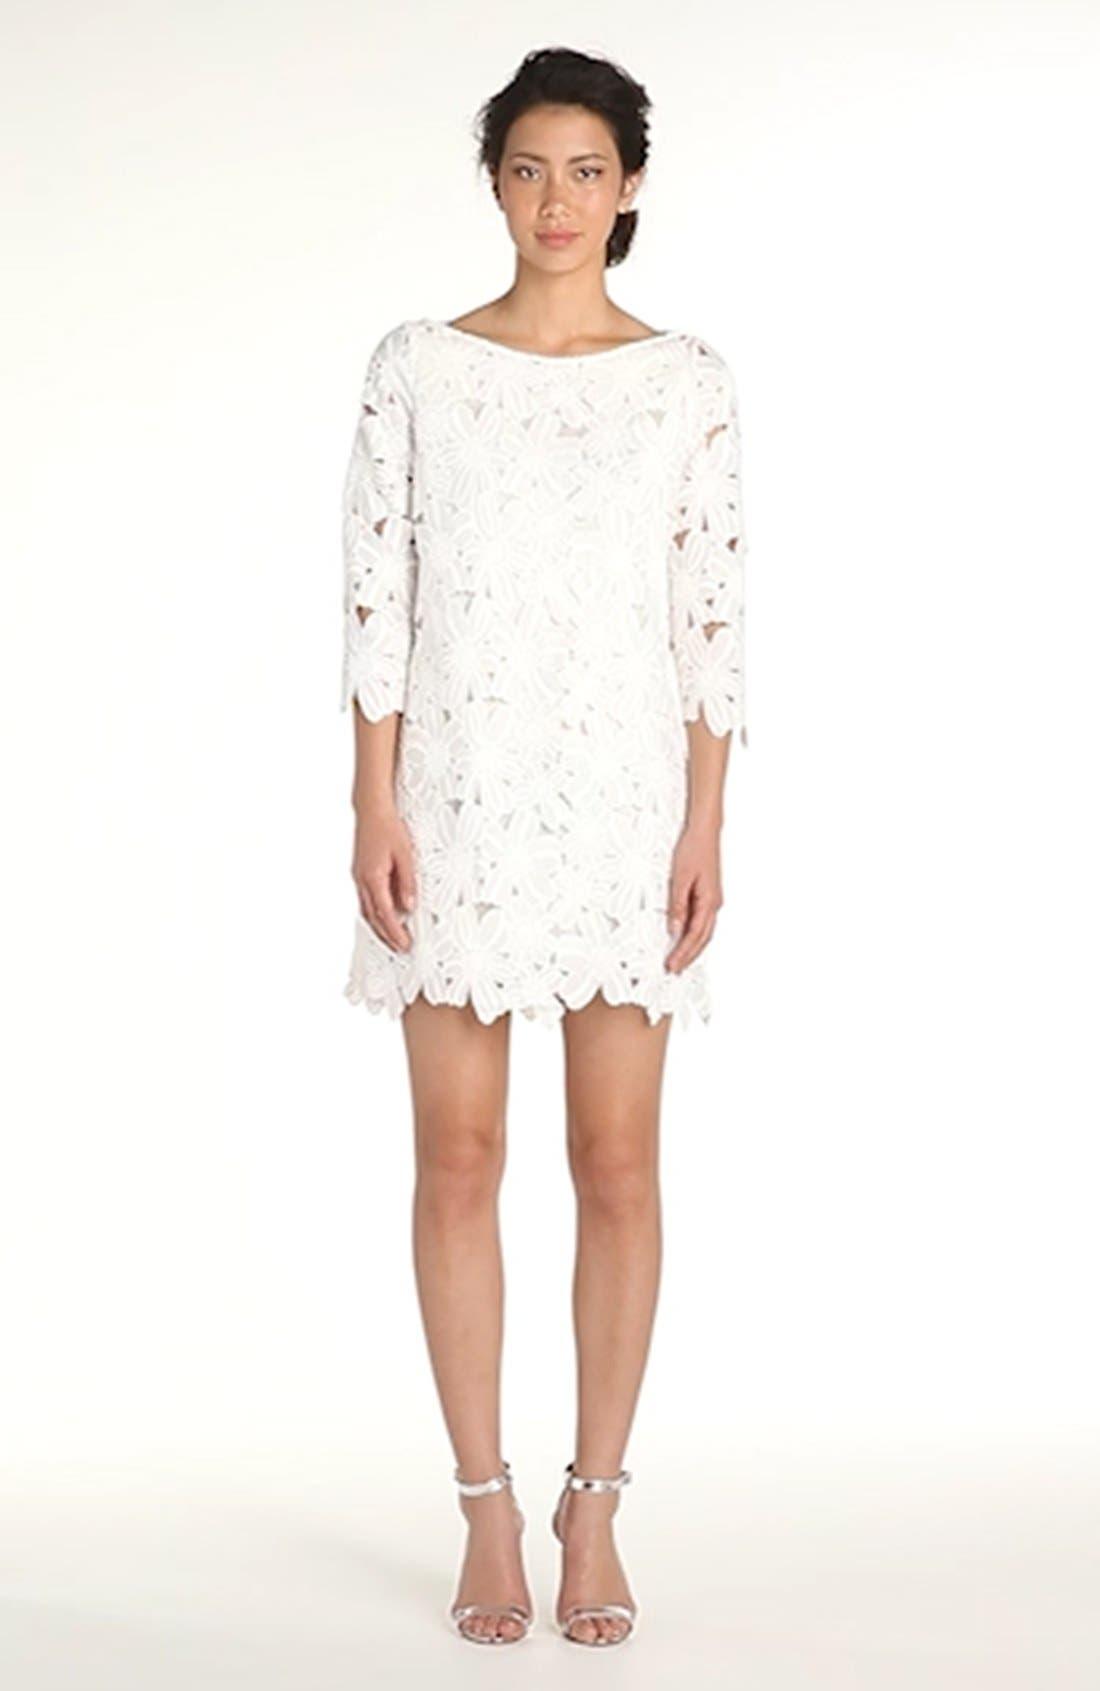 Belza Floral Lace Shift Dress,                             Alternate thumbnail 12, color,                             100